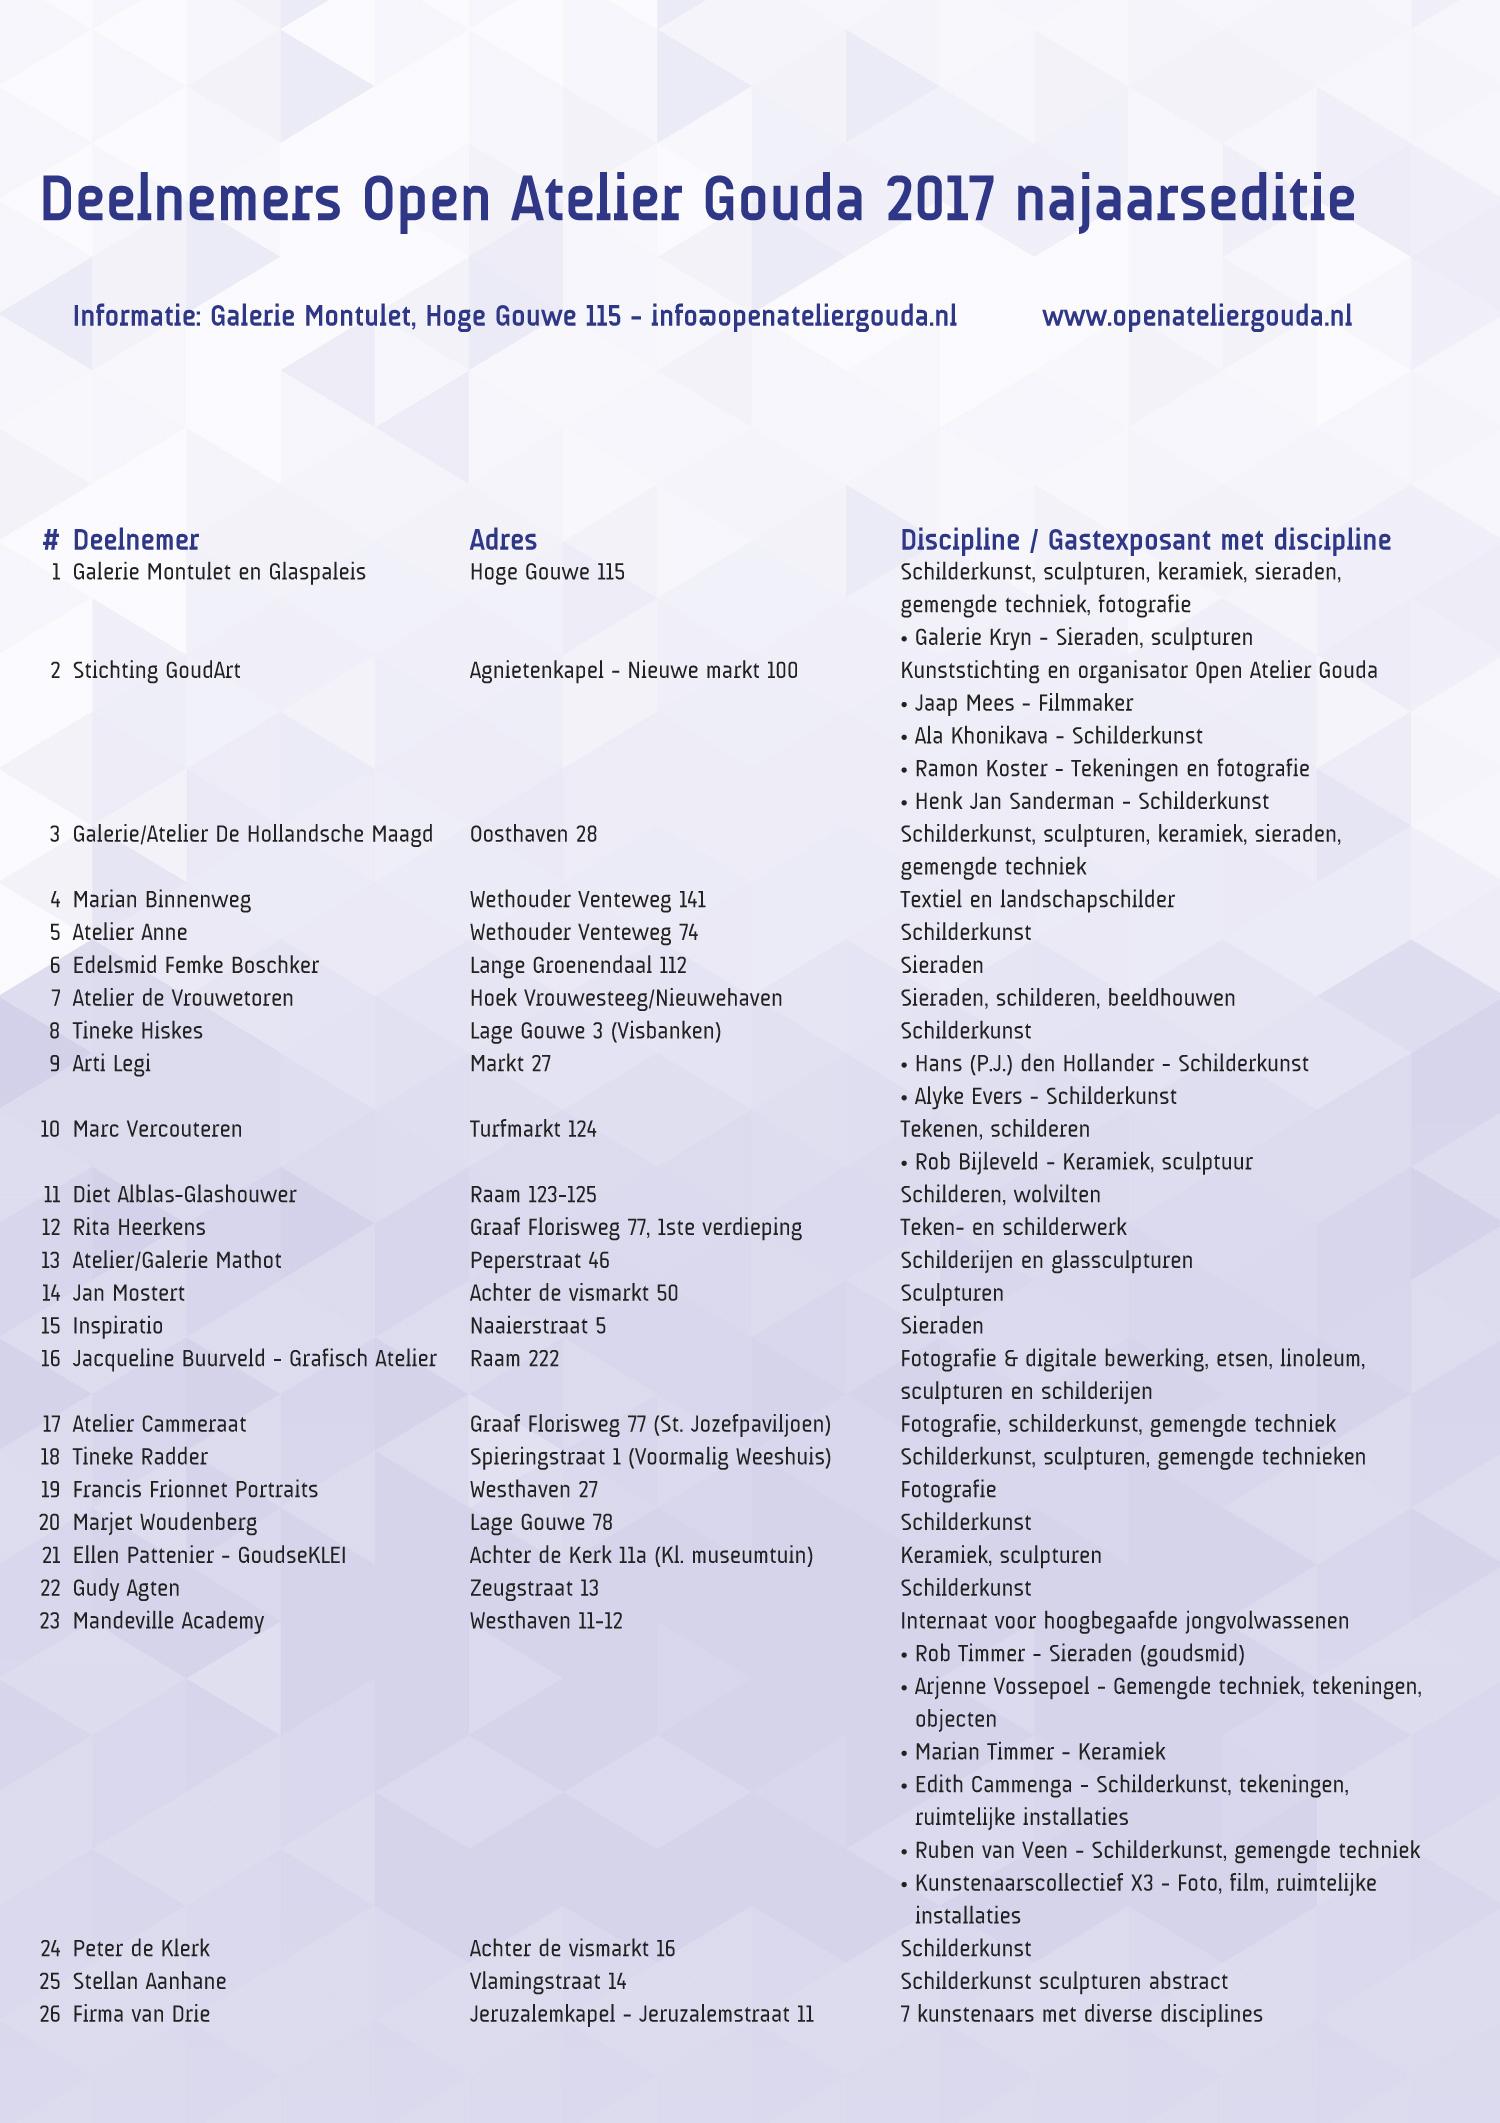 Info OA_2017-deelnemers